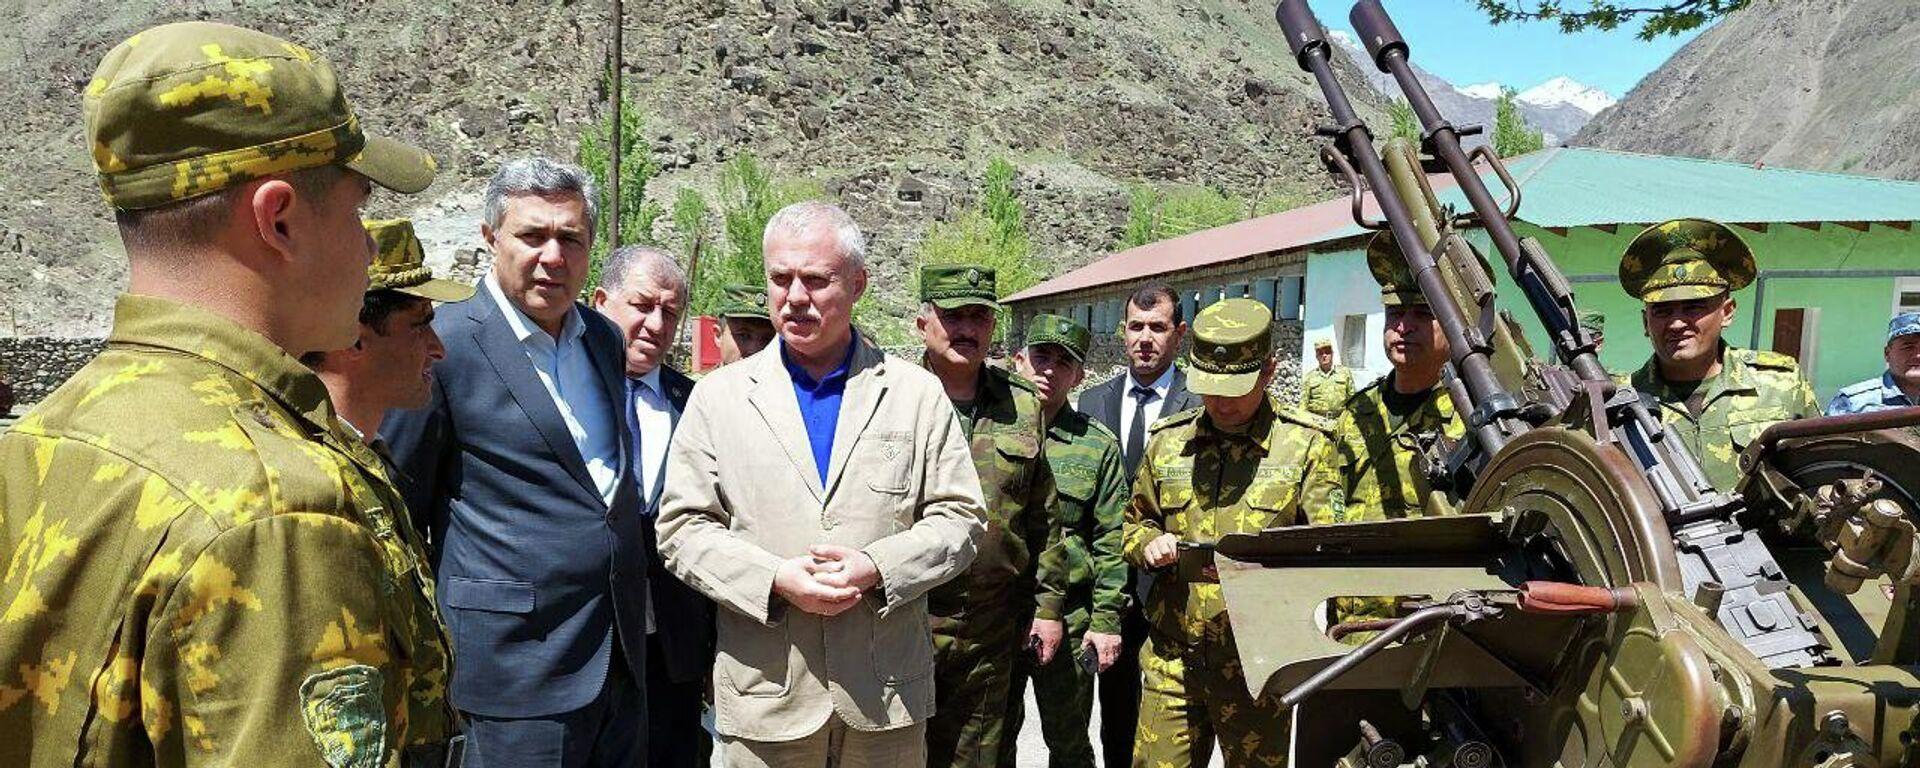 Генерал Зас посетил таджикско-афганскую границу - Sputnik Таджикистан, 1920, 23.08.2021